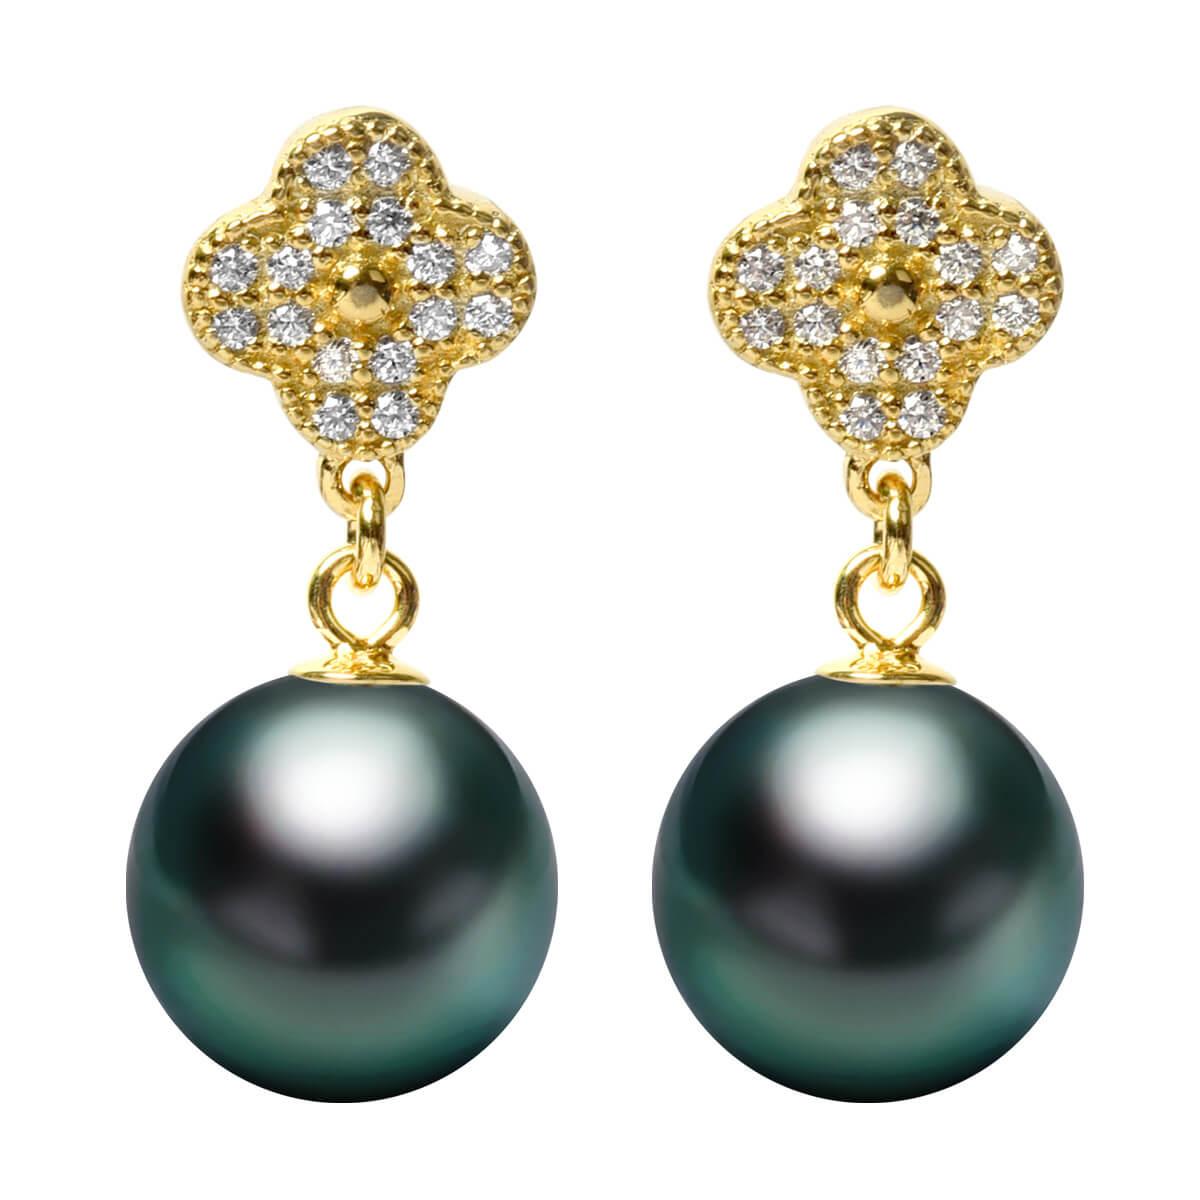 925 Silver Ear Stud Earring Findings